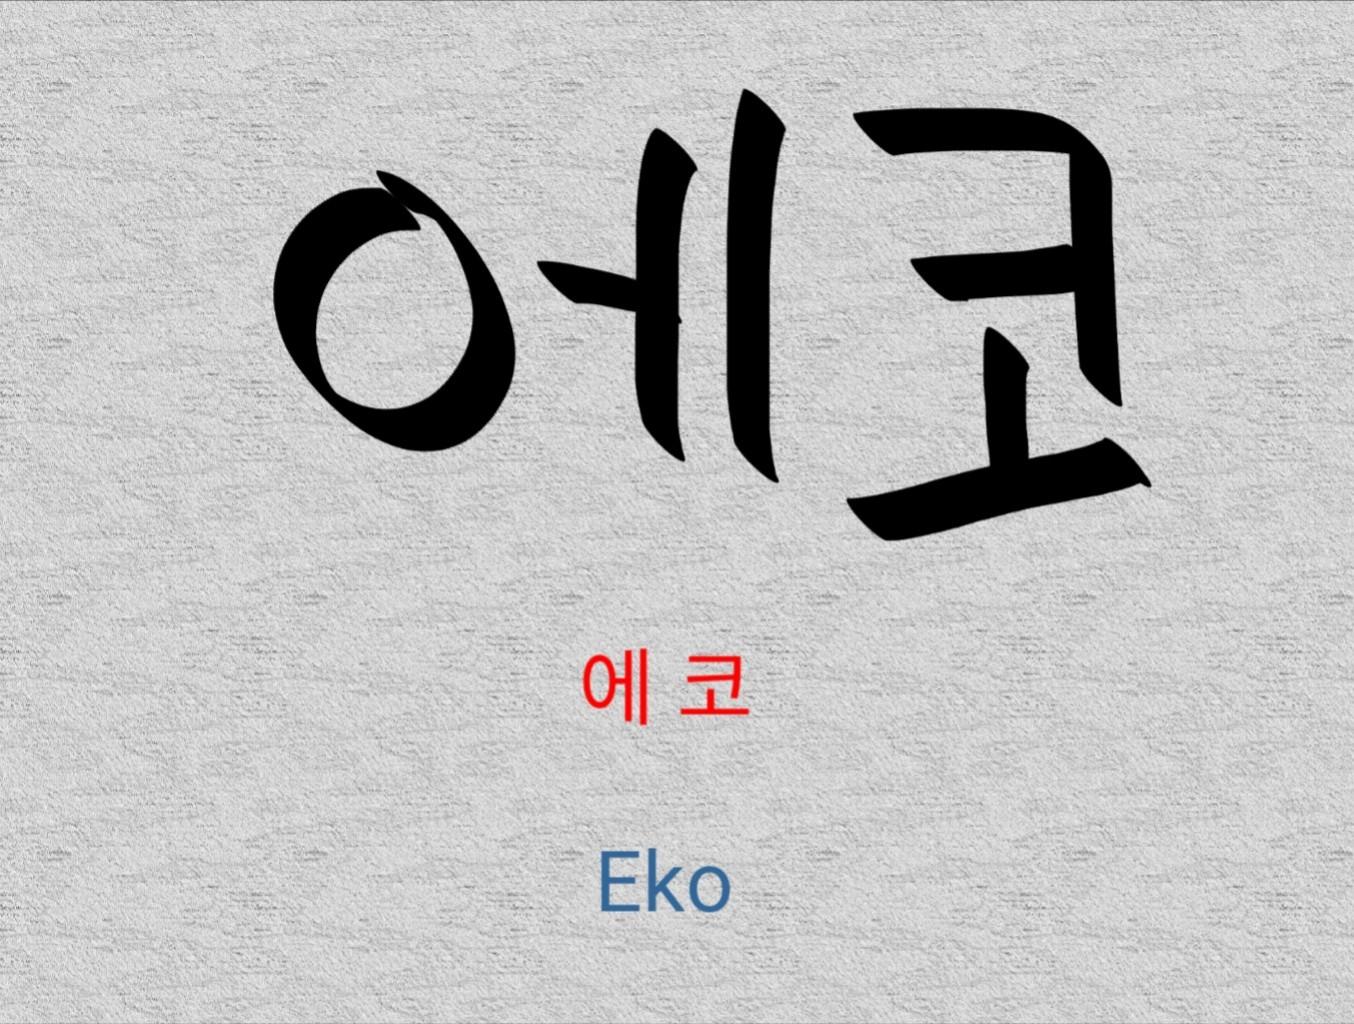 eko dalam tulisan hangeul